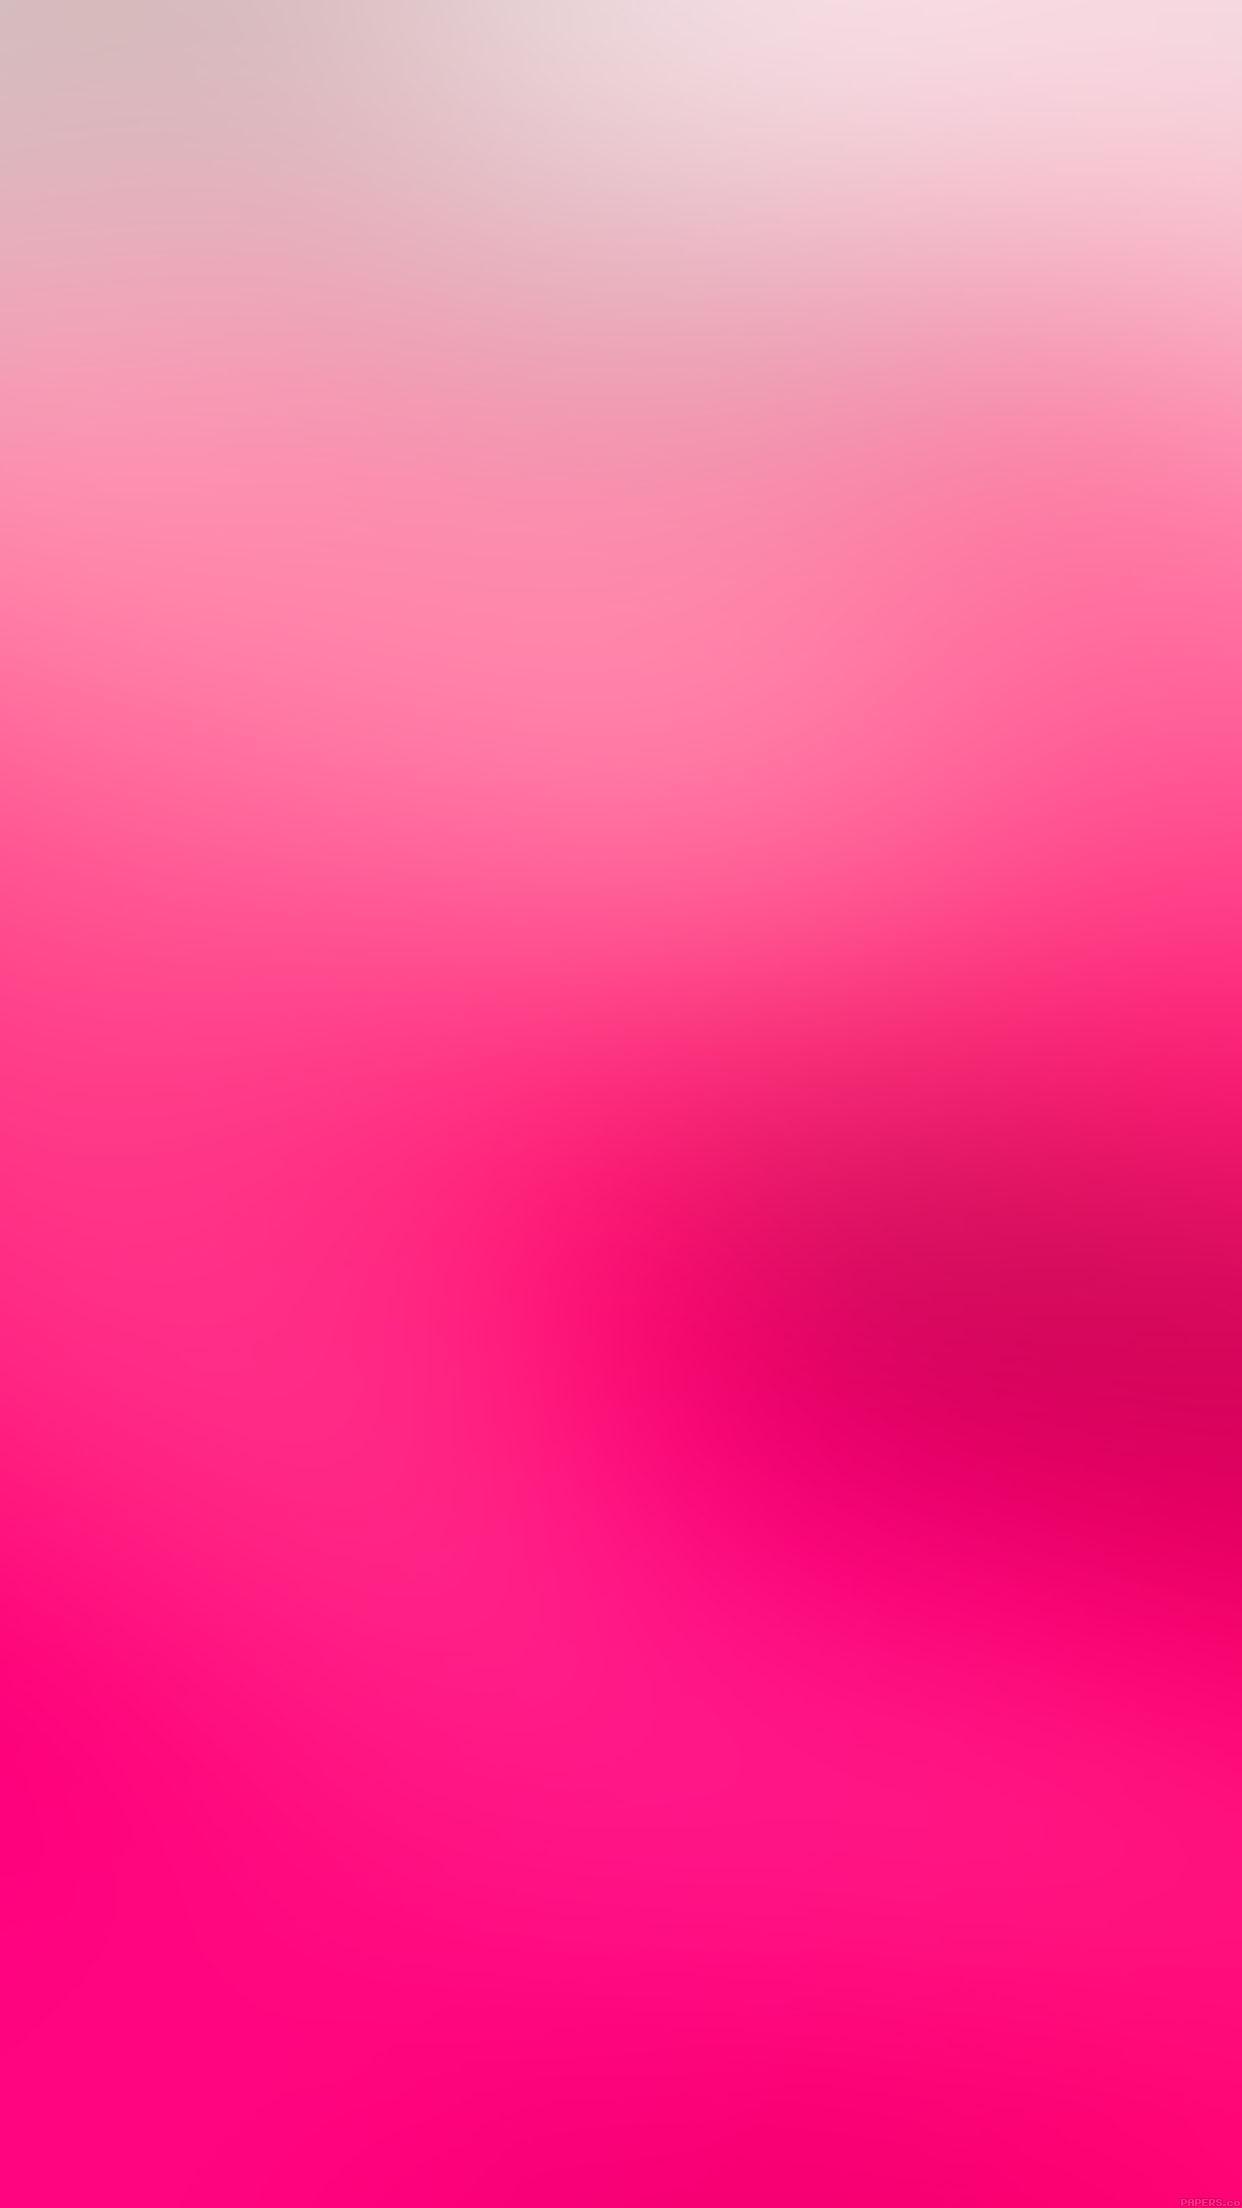 Pink Nude Photos 47